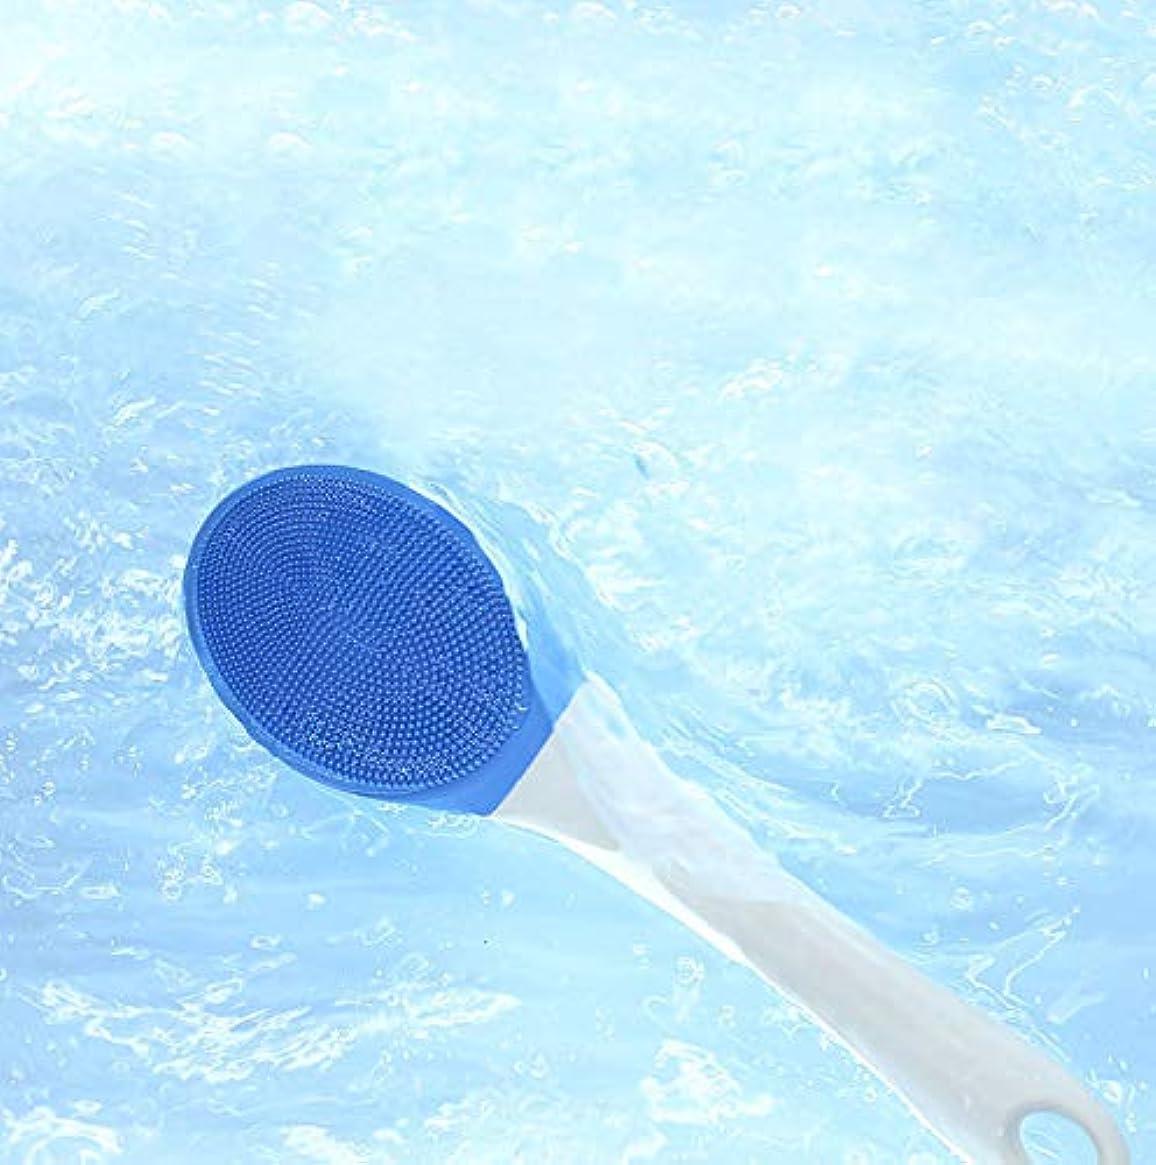 慣習服出力電気バスブラシ、防水ボディ、洗顔ブラシロングハンドルソニック電動スクラバーディープクリーニング用3スピード調整可能なパルス振動,Blue